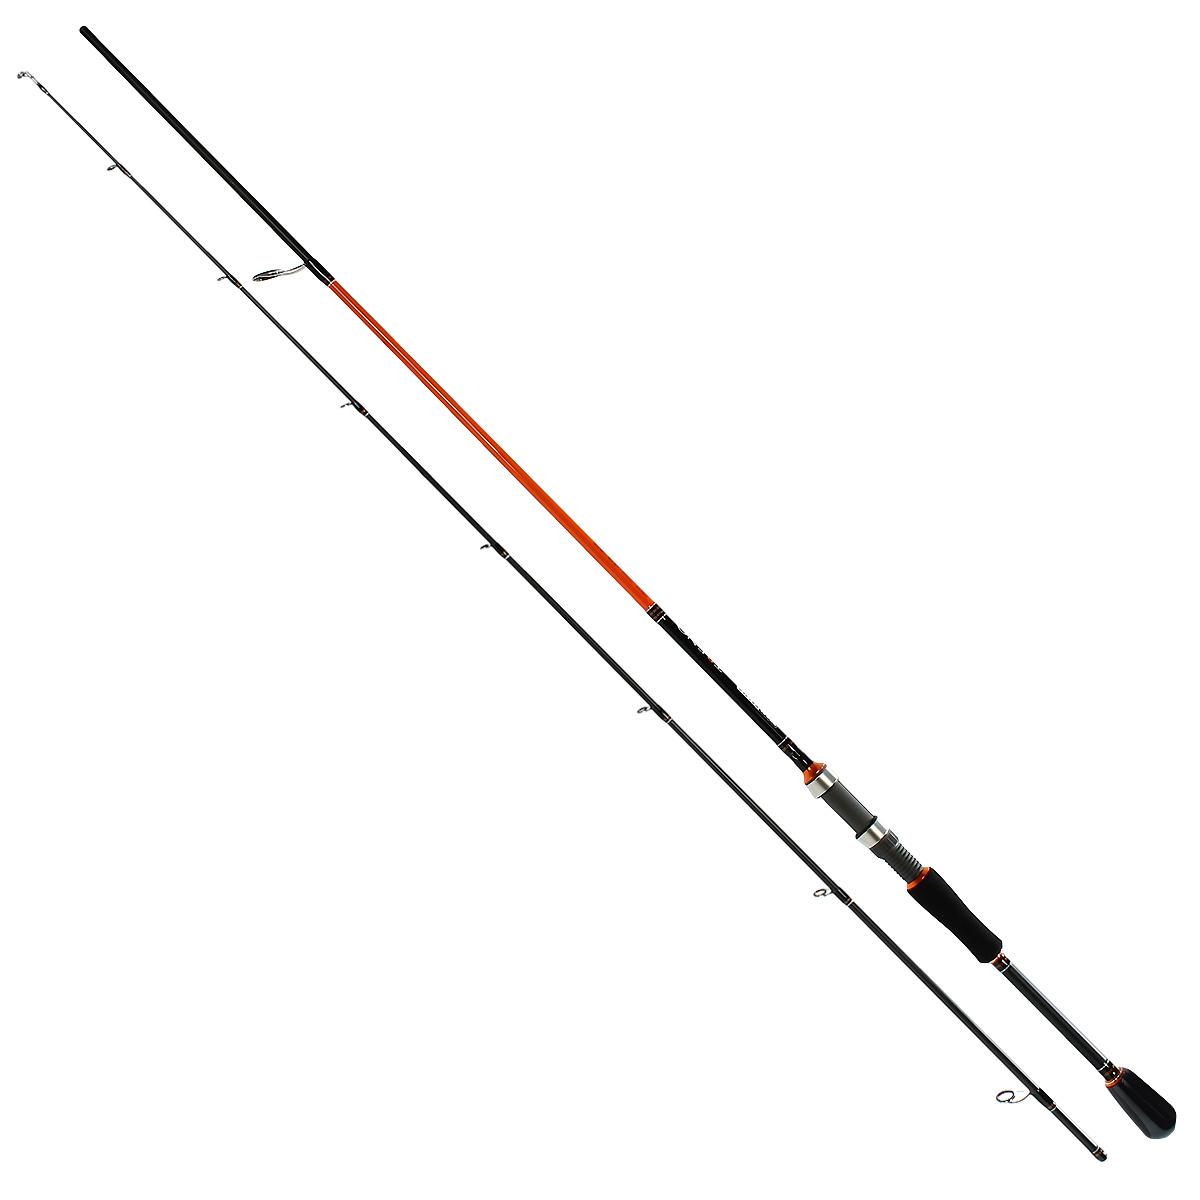 Удилище спиннинговое Team Salmo TRENO, 2,31 м, 7-24 г4271825Серия спиннингов TRENO разработана специально для ловли хищной рыбы твичингом и на джиг-приманки. Бланки этой серии изготовлены из усовершенствованного высокомодульного графита 40T, обеспечивающего максимальную прочность, а также высокую чувствительность по всему заявленному тестовому диапазону. Строй бланков быстрый и экстра быстрый. Бланк в основании достаточно толстый, что дает преимущества не только при вываживании крупной рыбы, но и при рывковой проводке воблеров. Несмотря на относительно небольшую длину, спиннинги TRENO обладают отличными бросковыми характеристиками. Спиннинги укомплектованы пропускными кольцами Fuji K-guide со вставками SIC. Наклоненные колечки на вершинке - раннинги и противозахлестный тюльпан, не позволят запутаться за них в сильный ветер даже мягкому PE шнуру. В элегантной и практичной разнесенной рукоятке, из прочного материала EVA, установлен катушкодержатель VSS от Fuji с задней гайкой крепления. Материал ручек жесткий и приятный на ощупь.